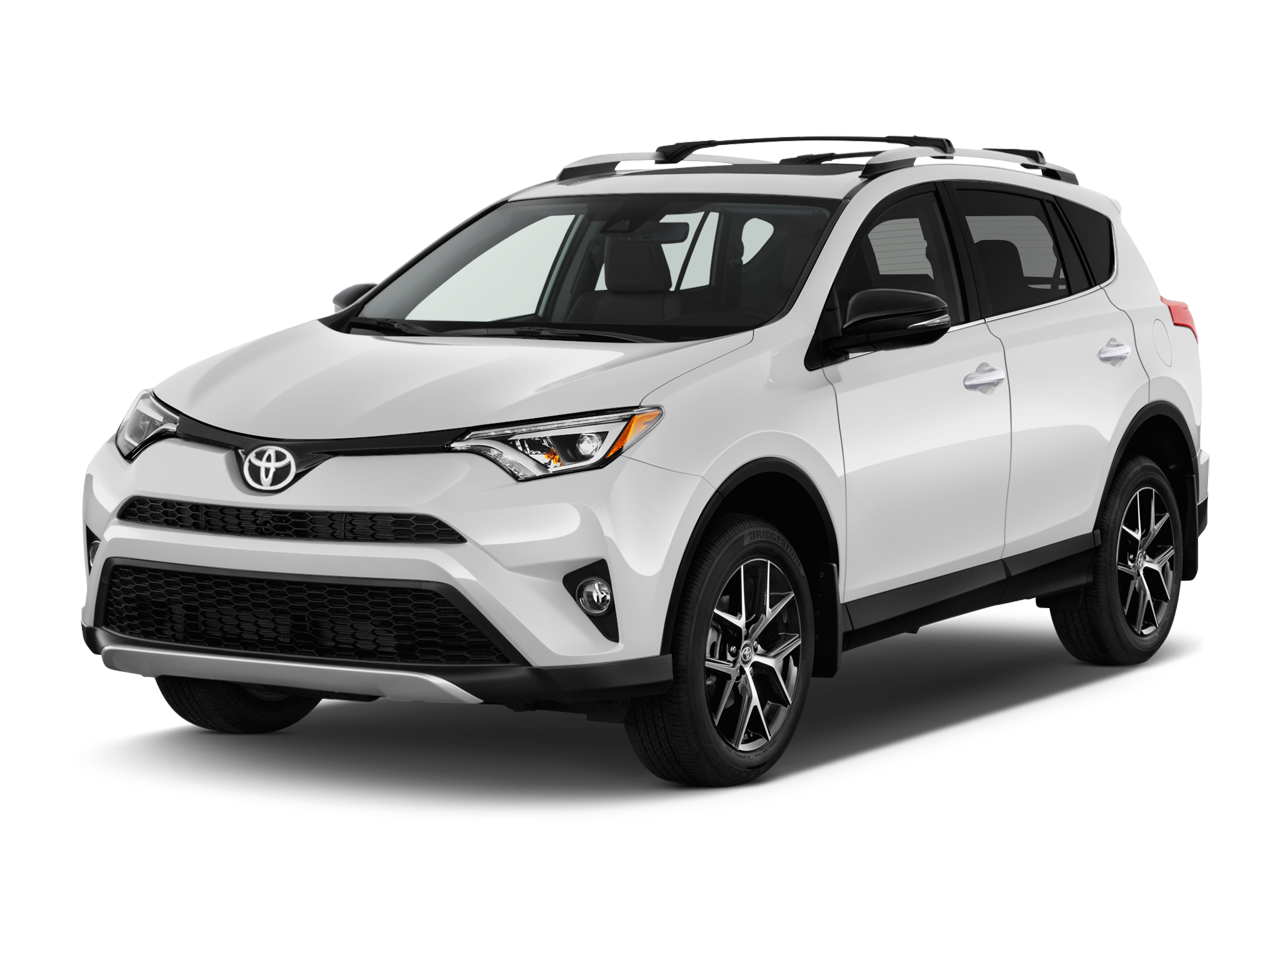 Toyota RAV4 Service Manual: Key reminder warning system